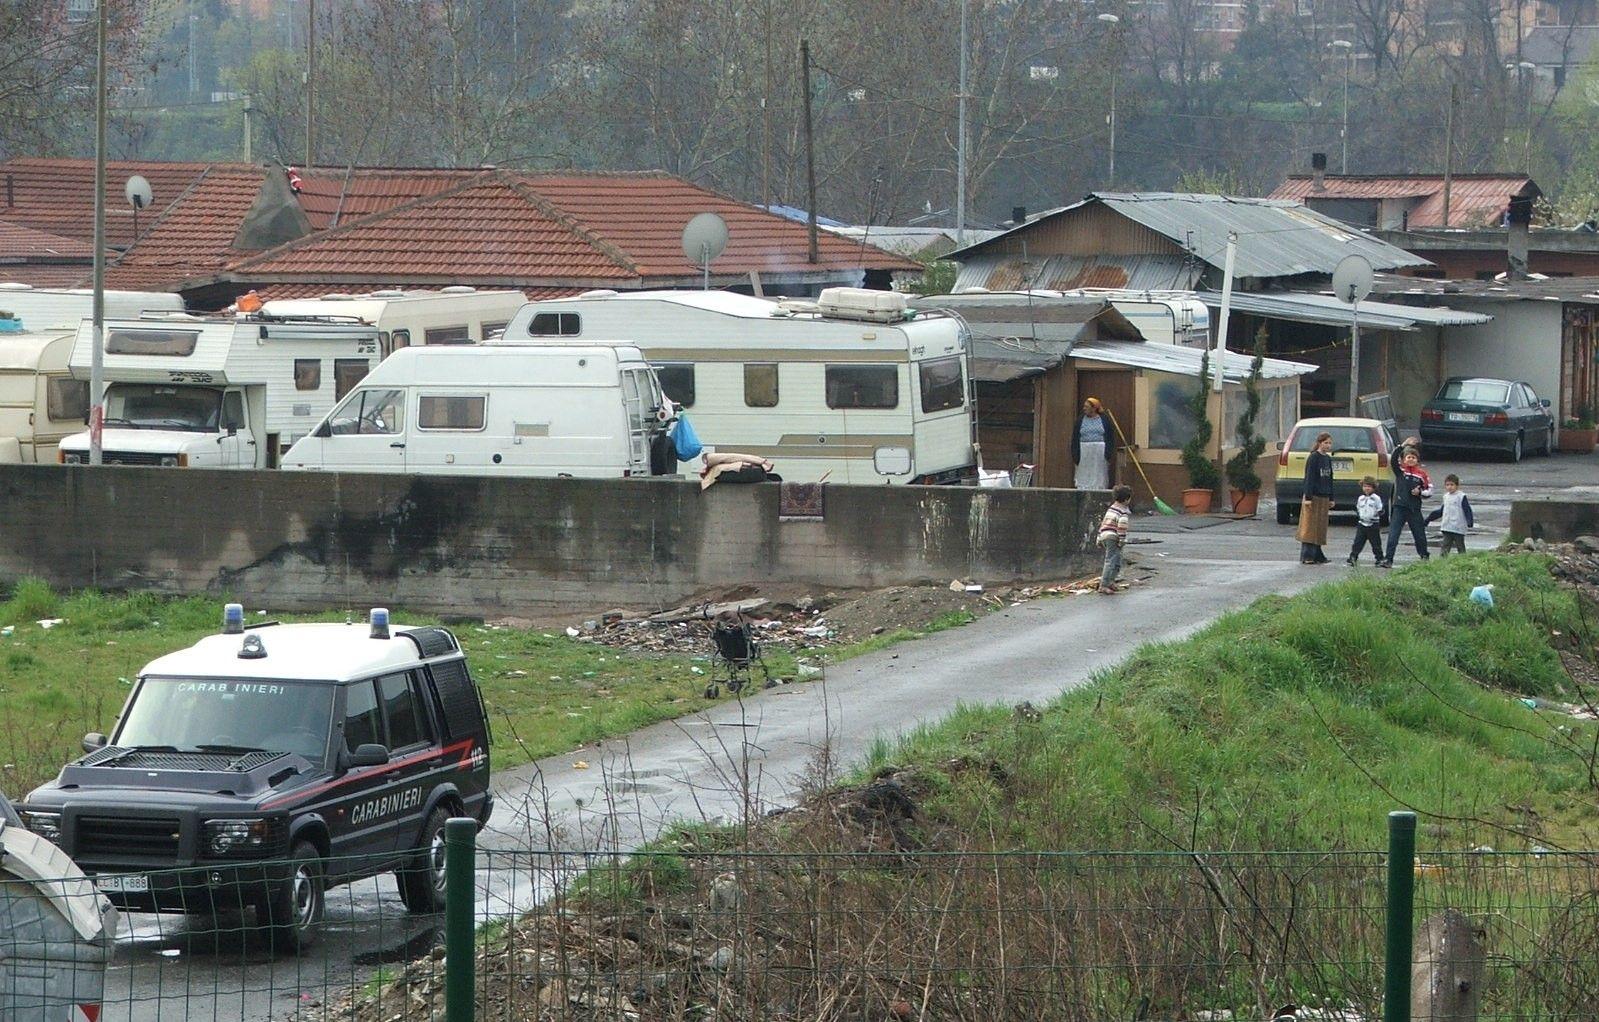 BORGARO-MAPPANO - Basta campi nomadi vecchia maniera: la Regione pensa ad un disegno di legge contro i campi stanziali